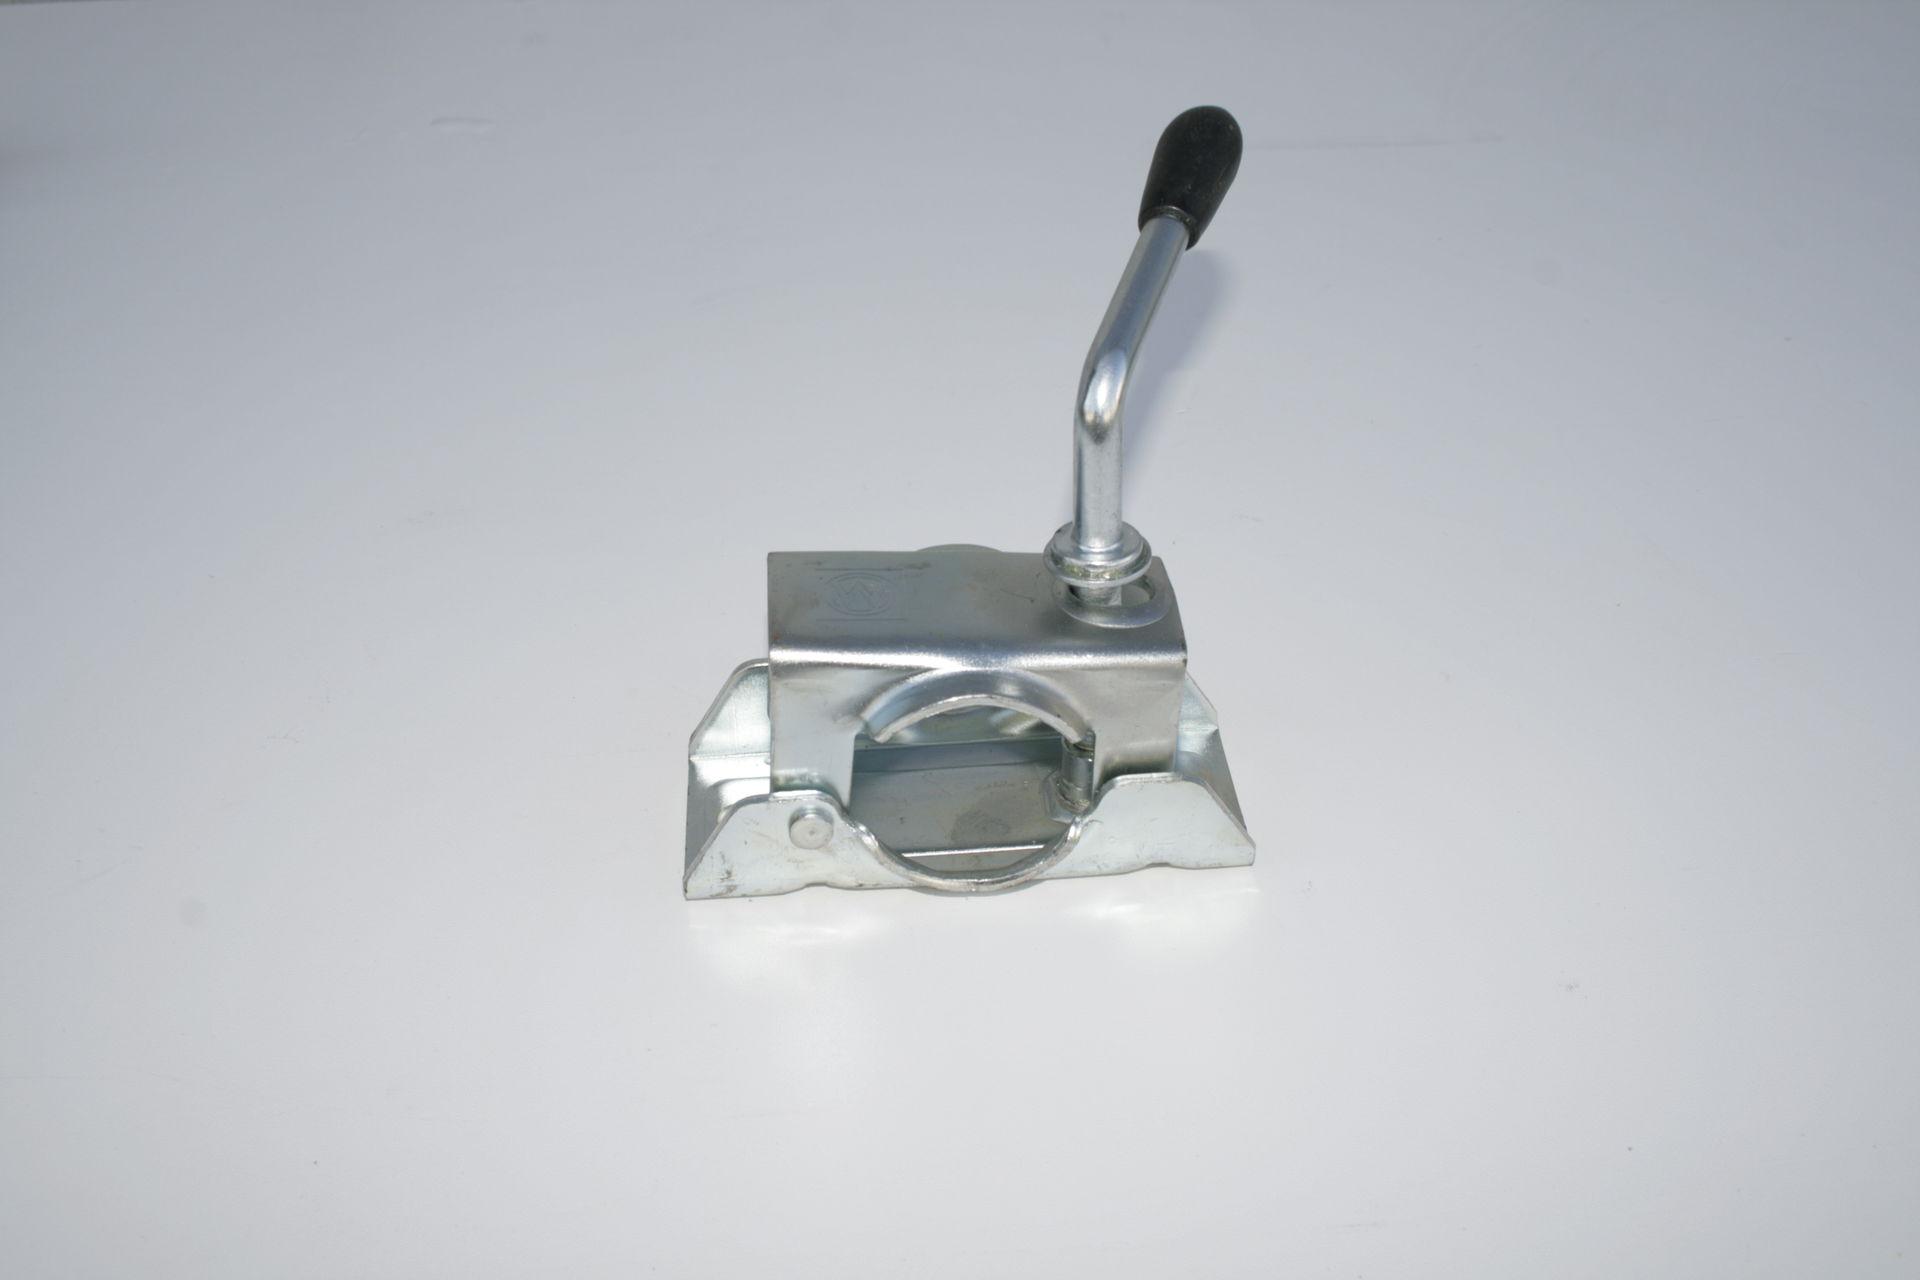 Držák podpěrného kolečka průměr 48 mm